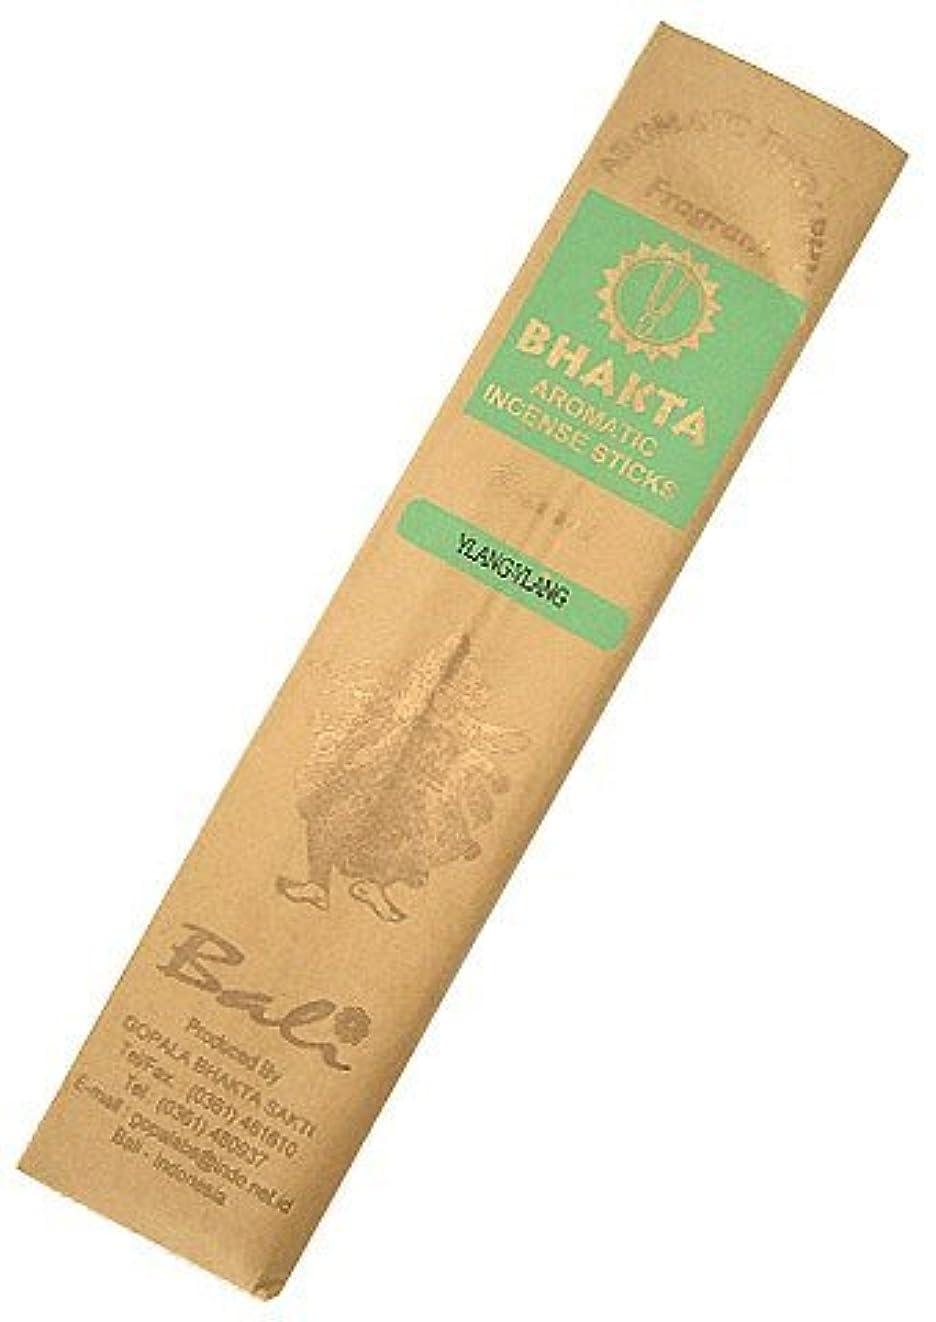 国内の買い手期待してお香 BHAKTA ナチュラル スティック 香(イランイラン)ロングタイプ インセンス[アロマセラピー 癒し リラックス 雰囲気作り]インドネシア?バリ島のお香